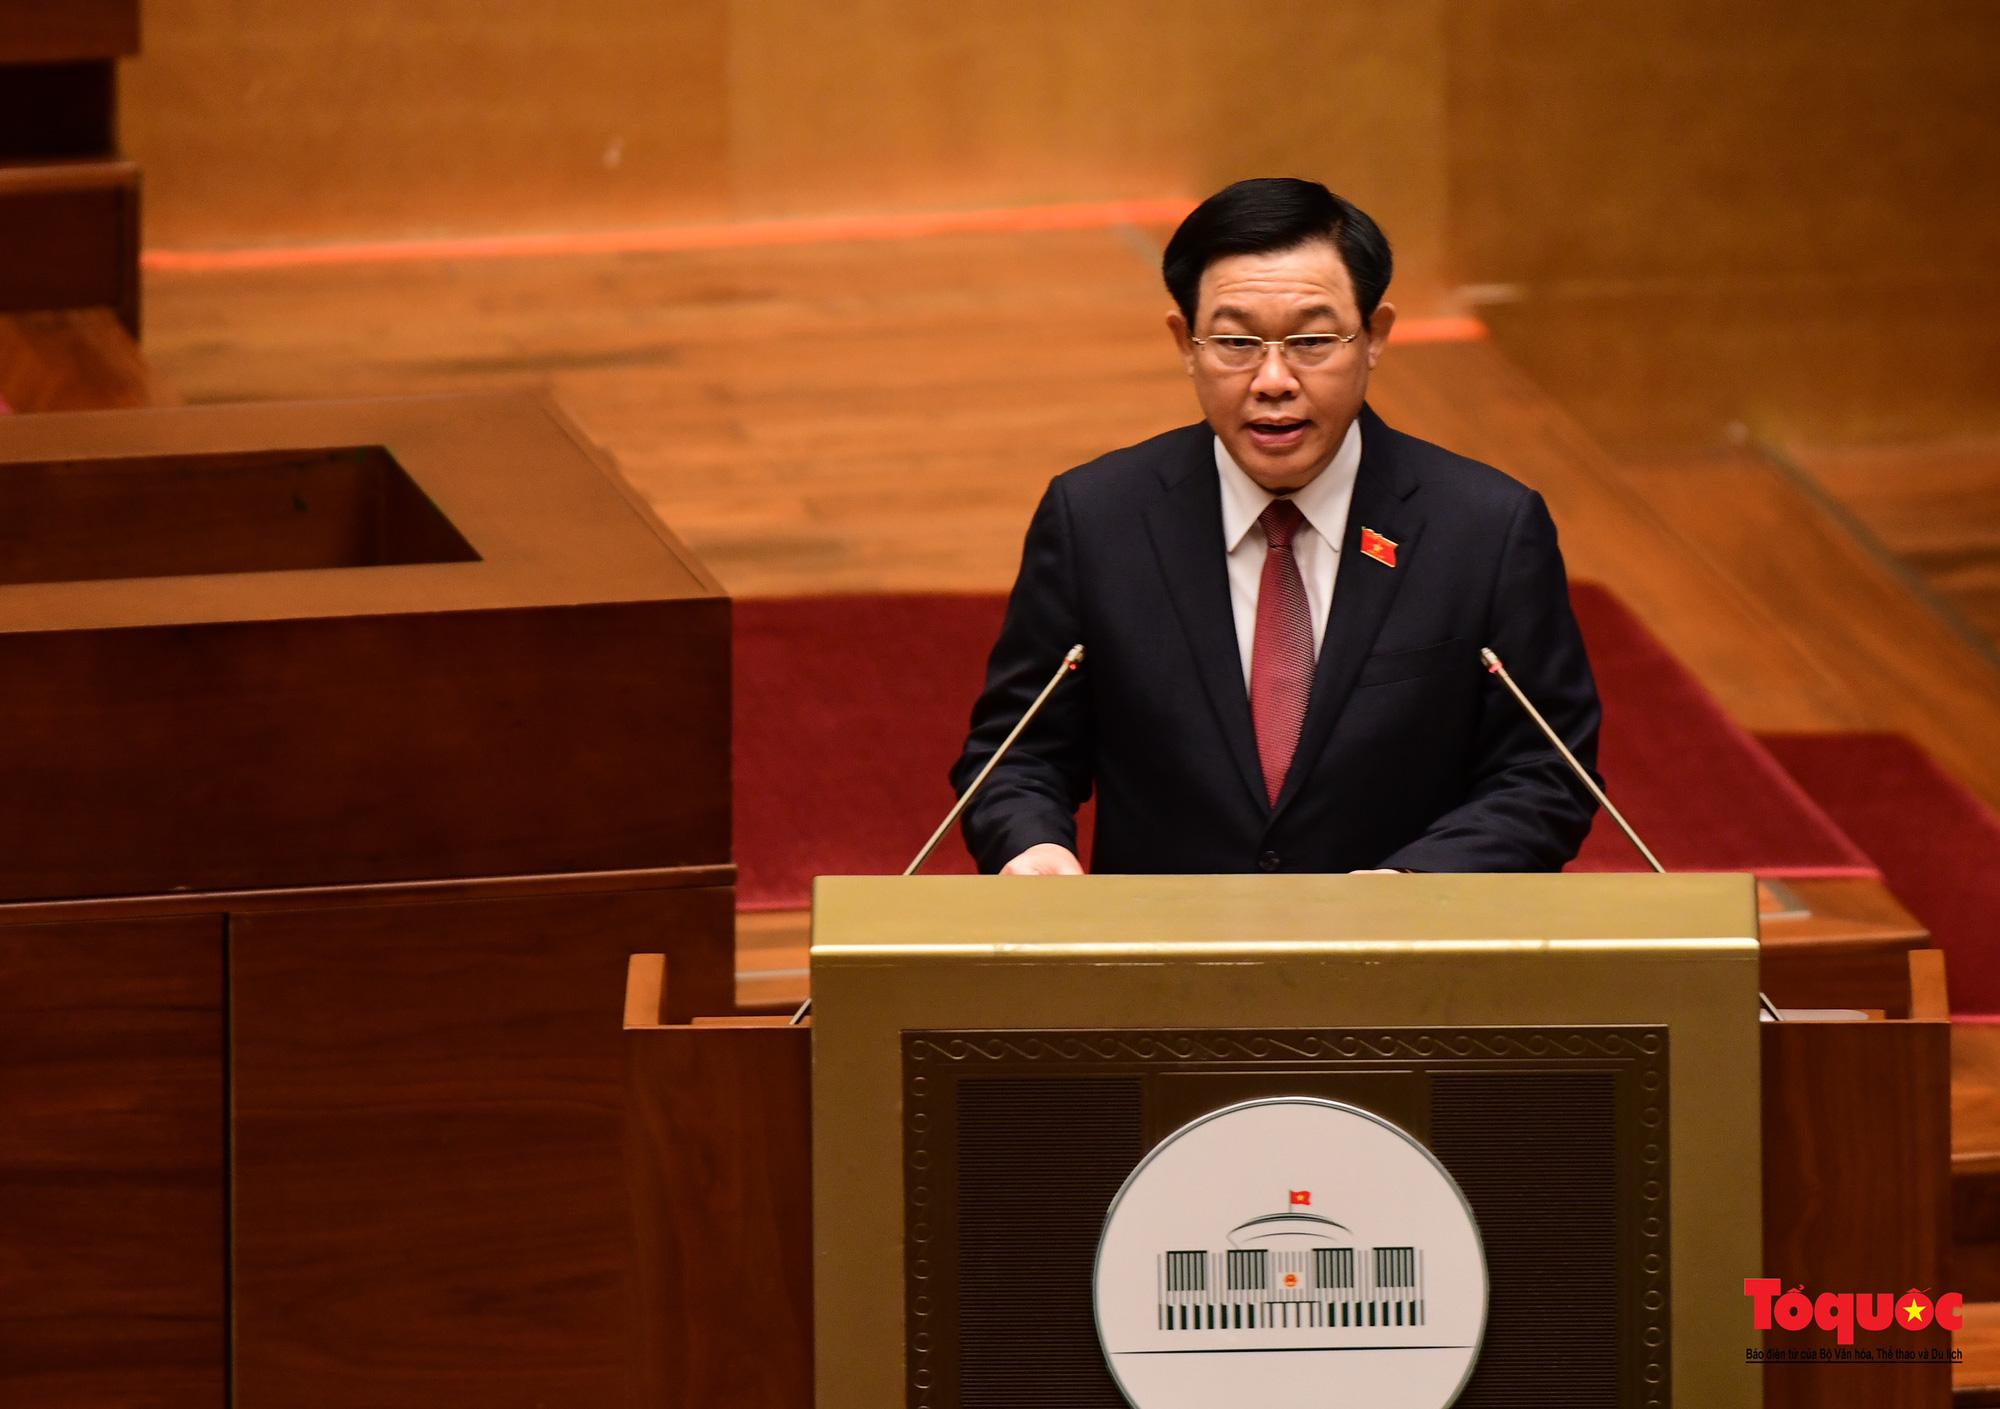 """Kì vọng Quốc hội sẽ hoạt động """"thực chất, thực quyền"""" hơn nữa dưới sự điều hành của Chủ tịch Quốc hội Vương Đình Huệ - Ảnh 1."""